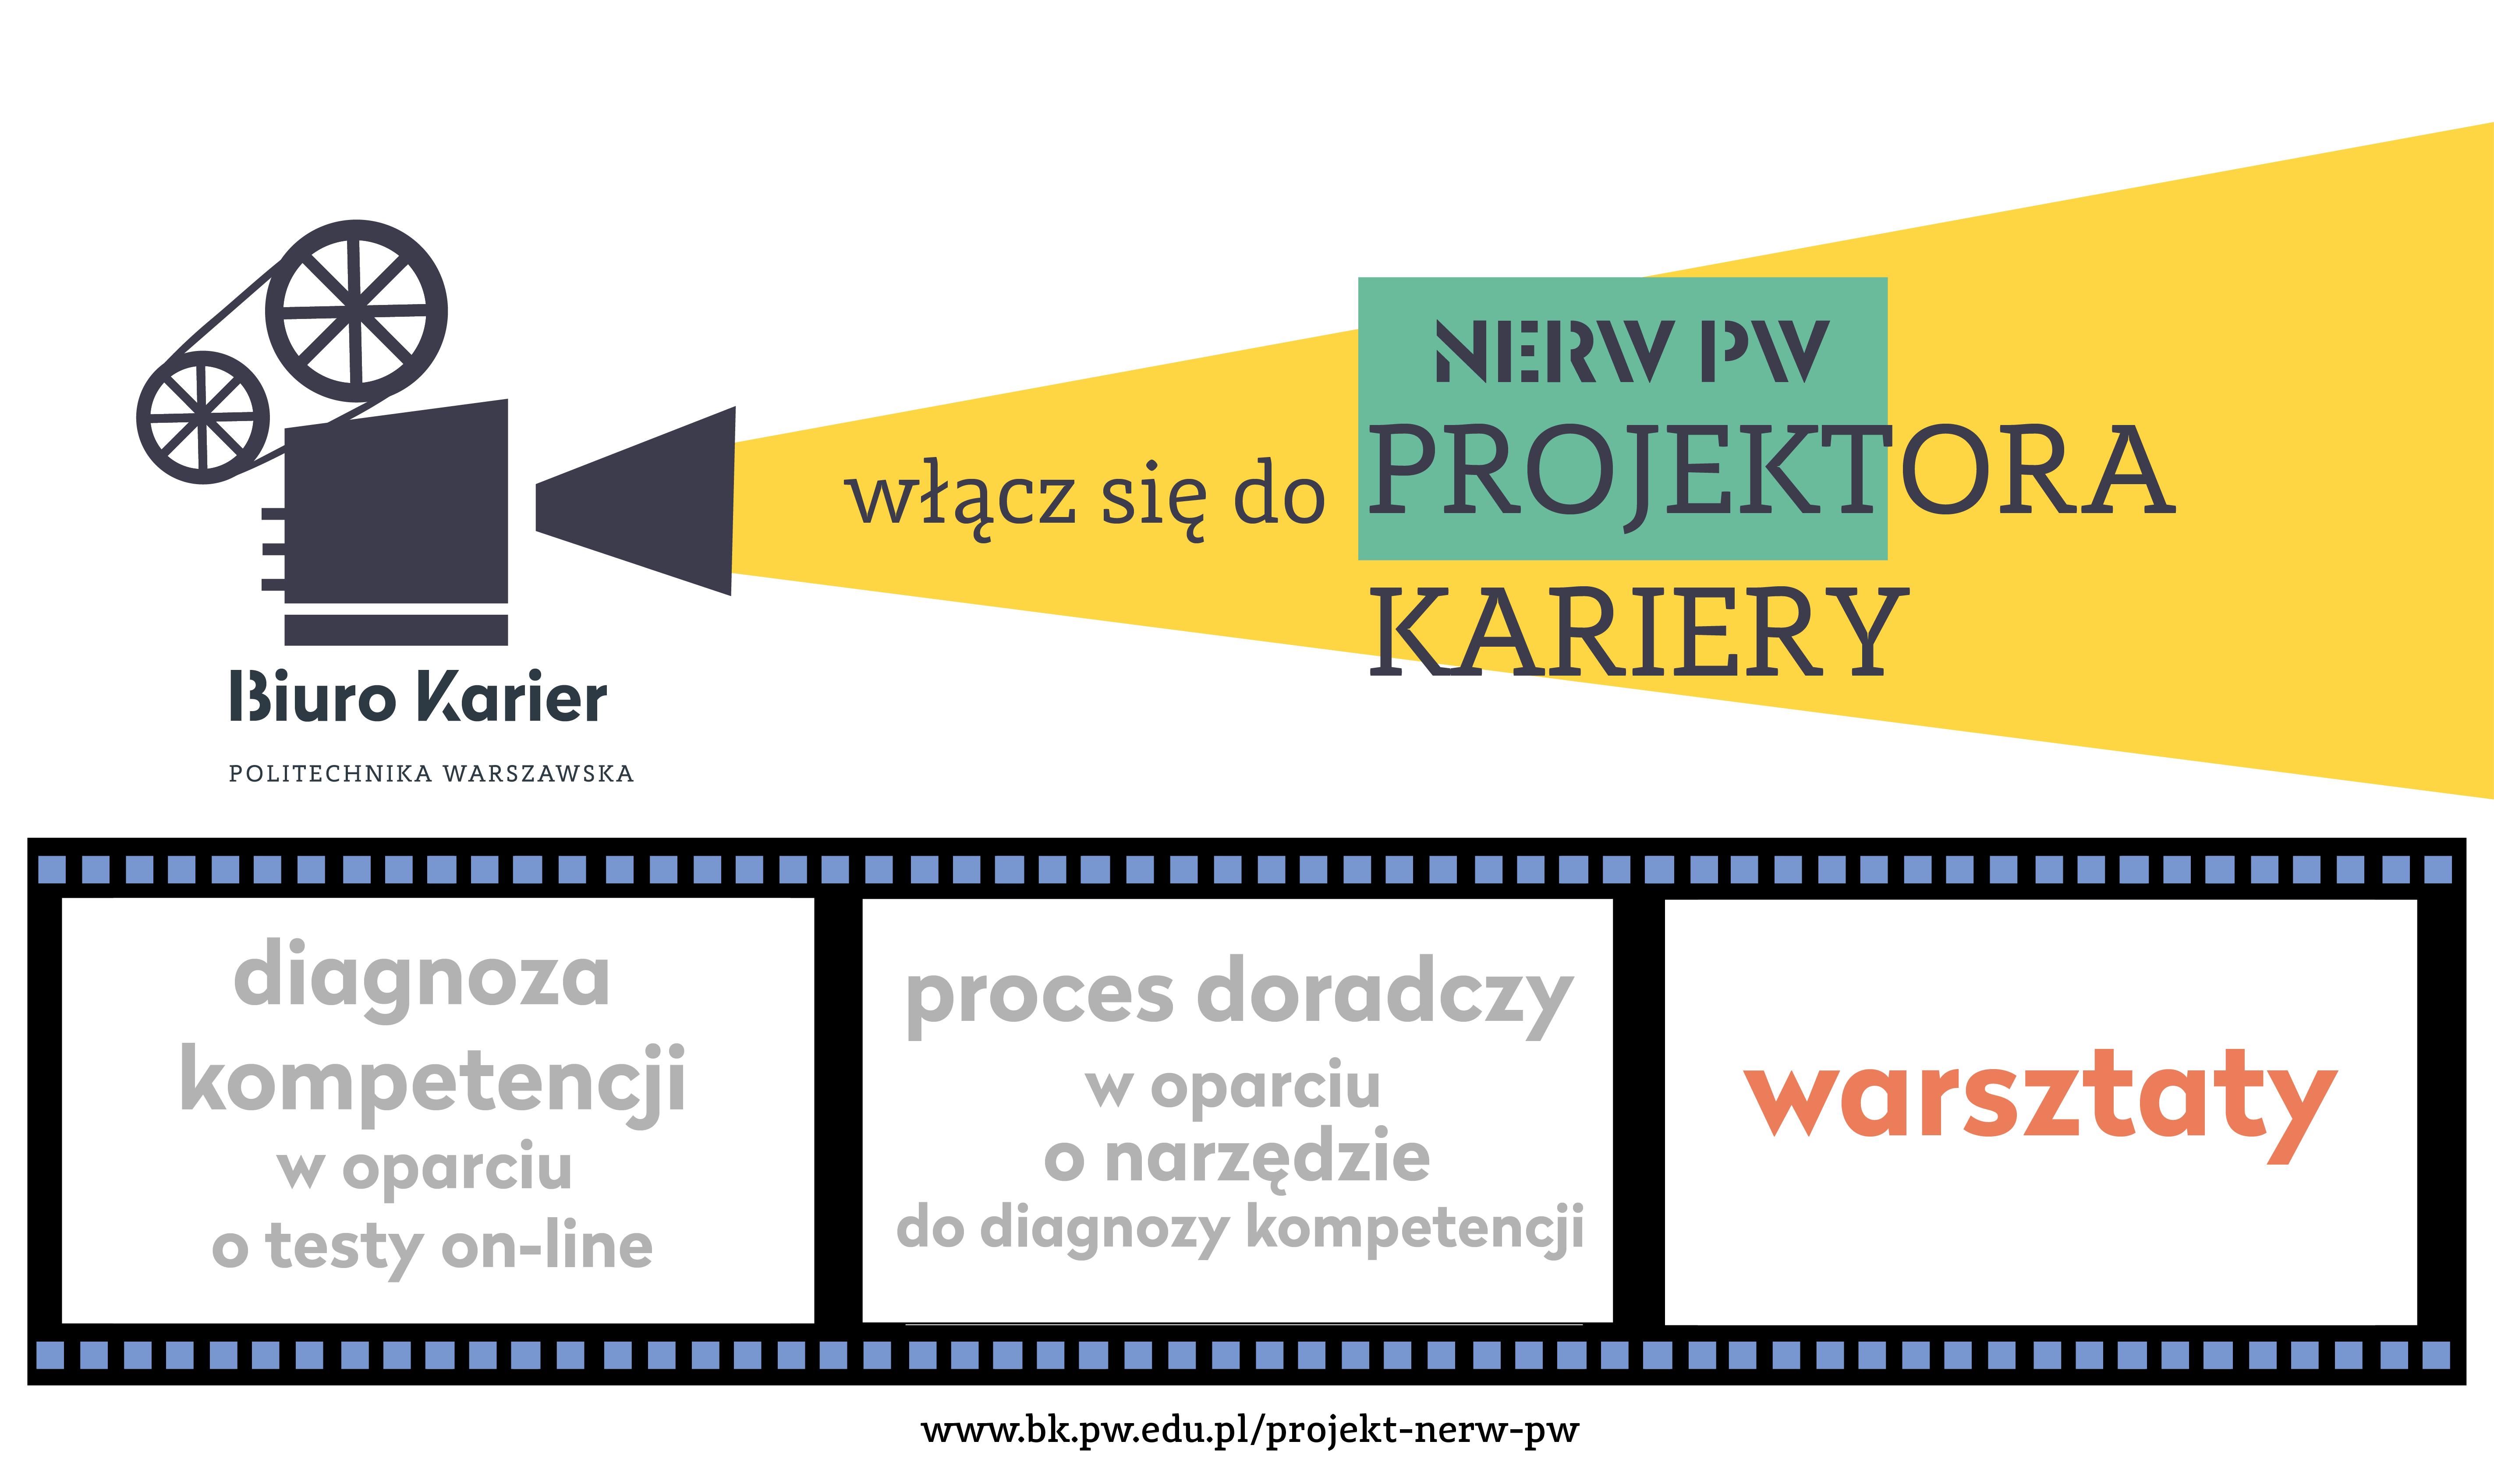 Negocjacje w biznesie – warsztaty w ramach Projektora Kariery